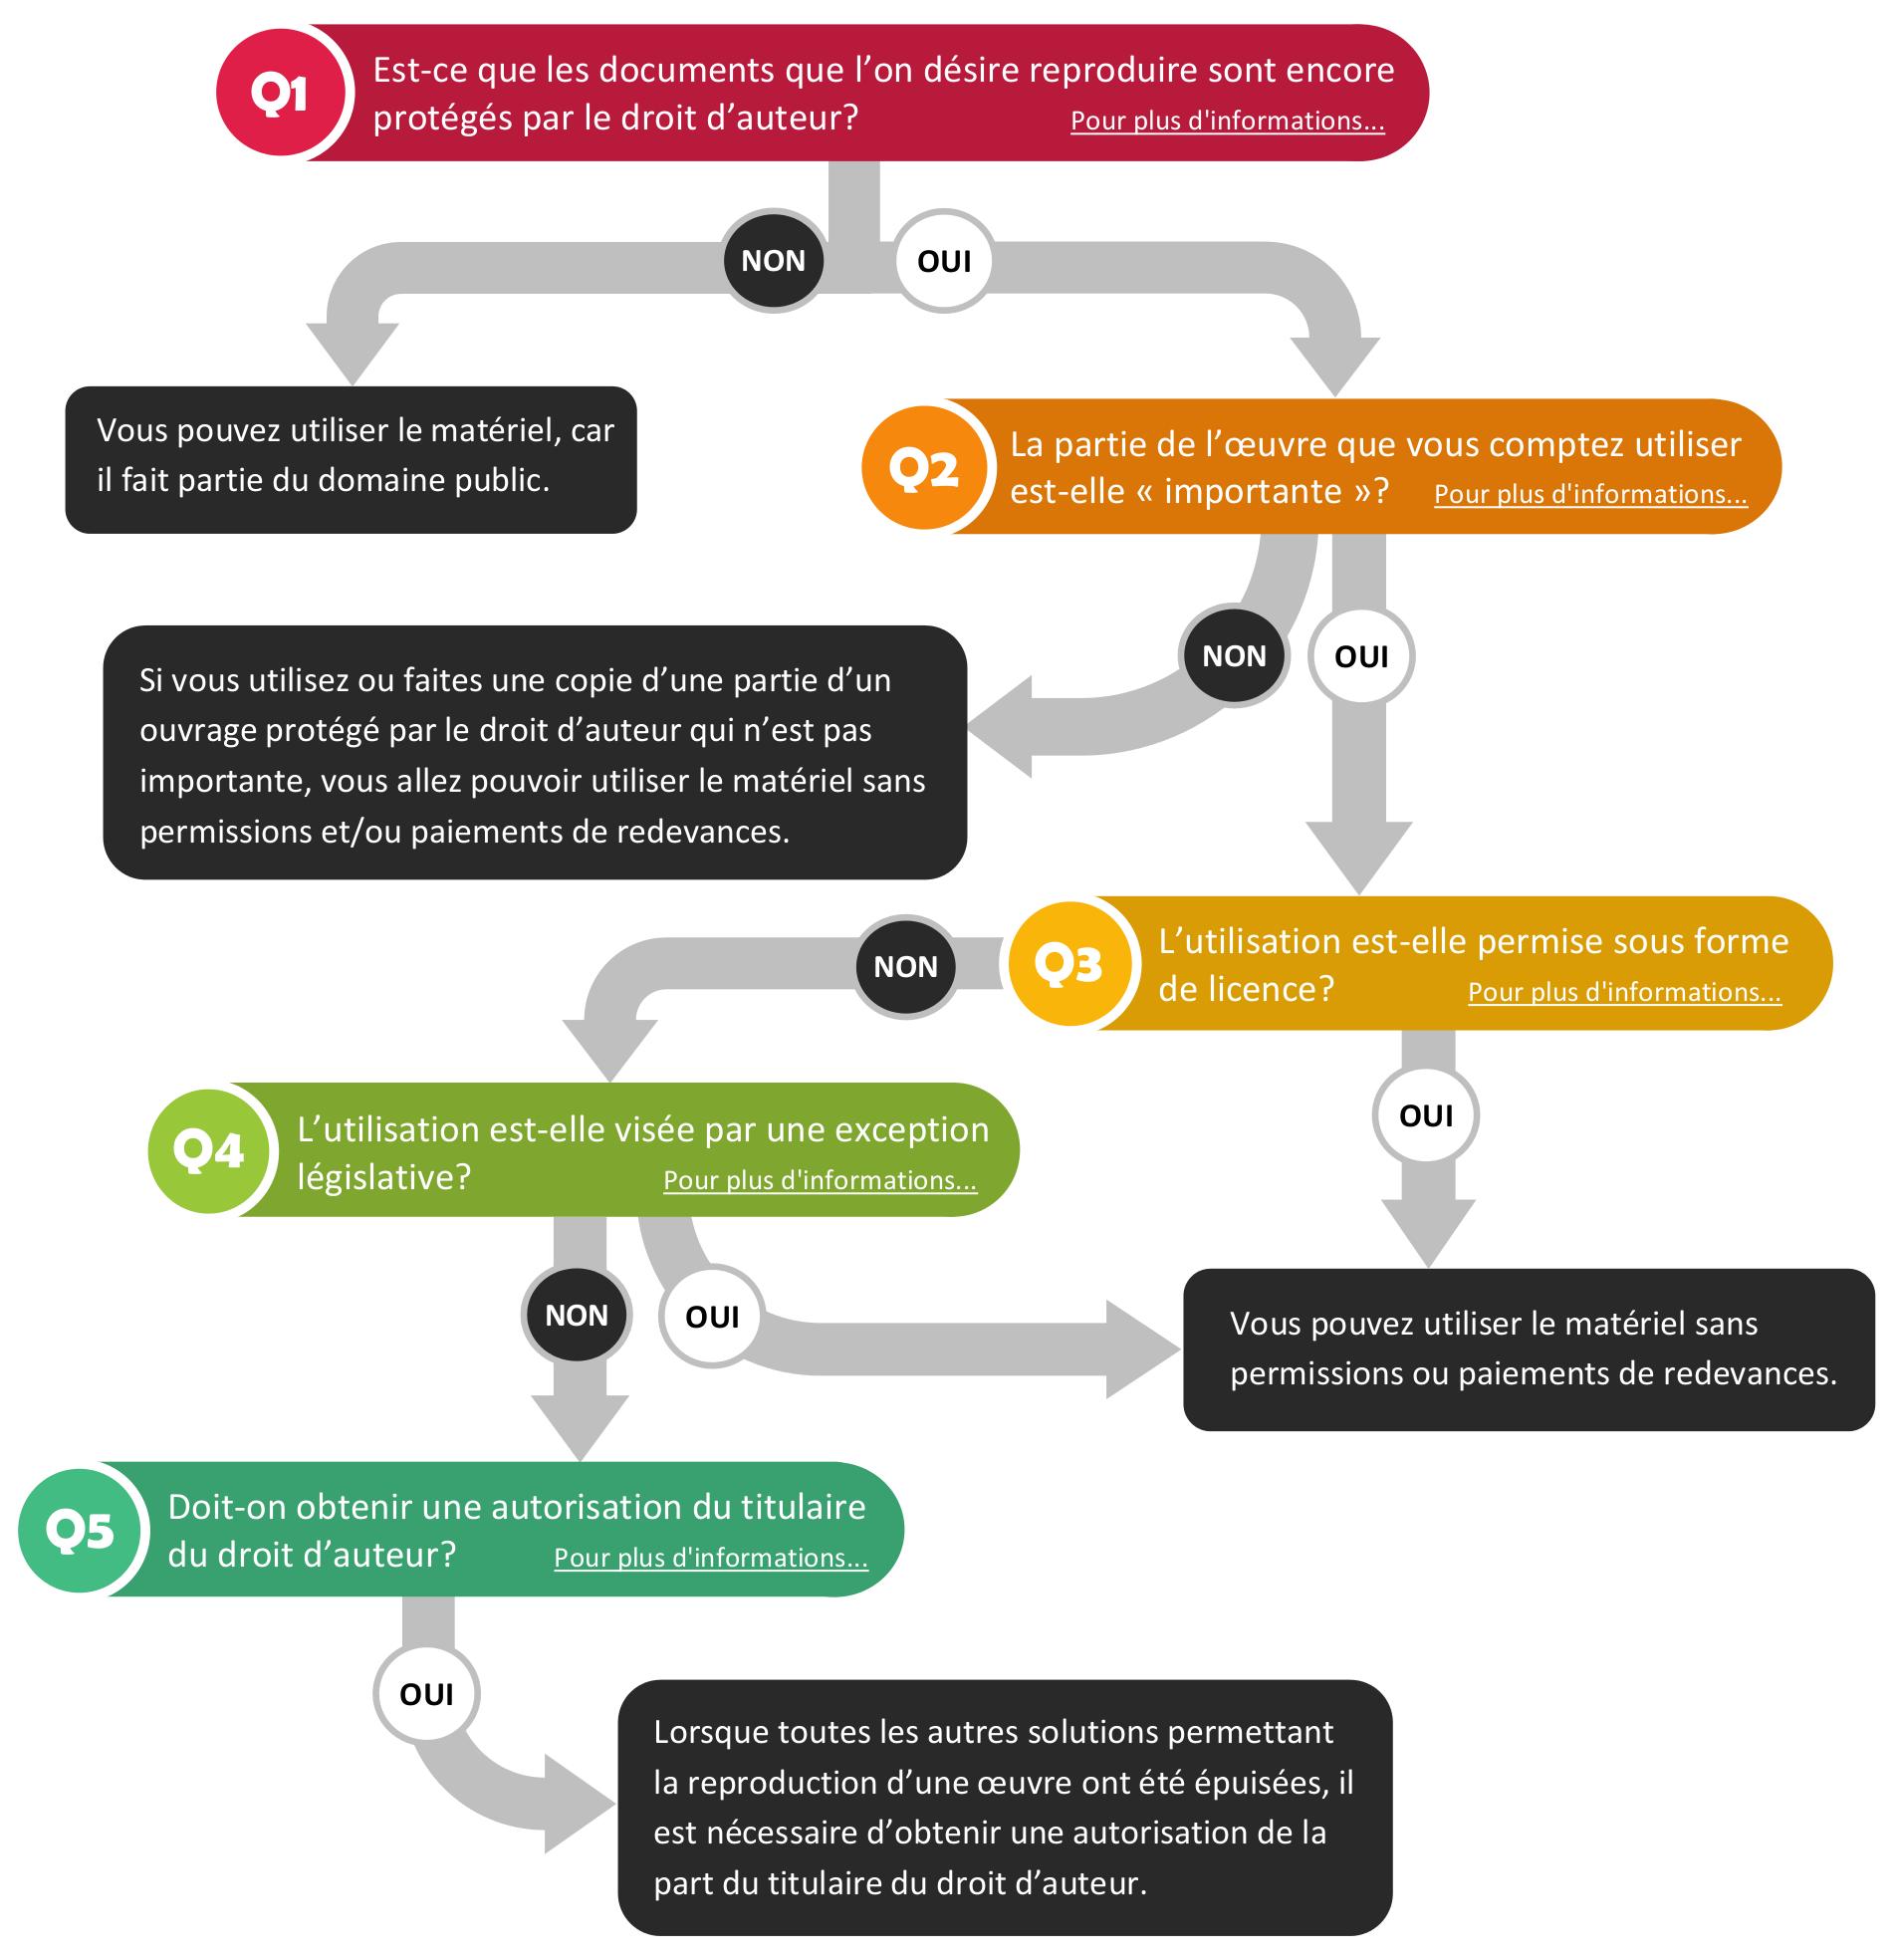 Le Guide De Reference Rapide Sur Le Droit D Auteur Droit D Auteur Universite D Ottawa